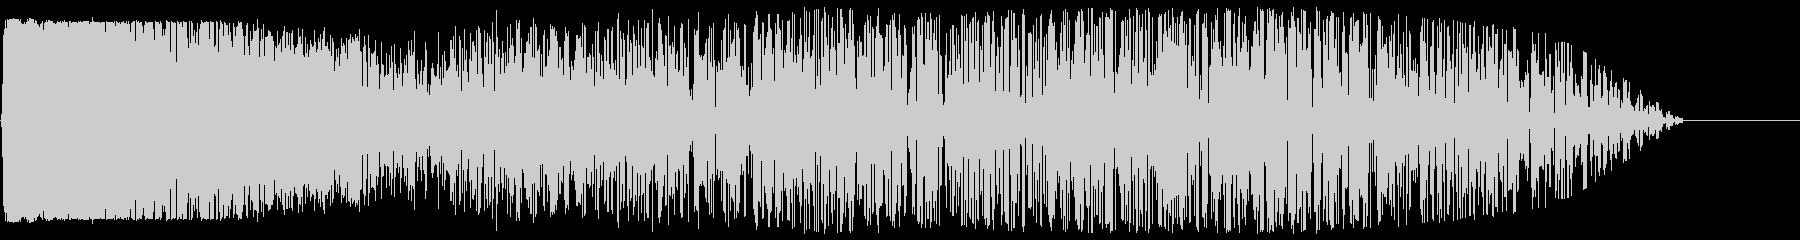 ロケット発射音(臨場感あふれる効果音)の未再生の波形